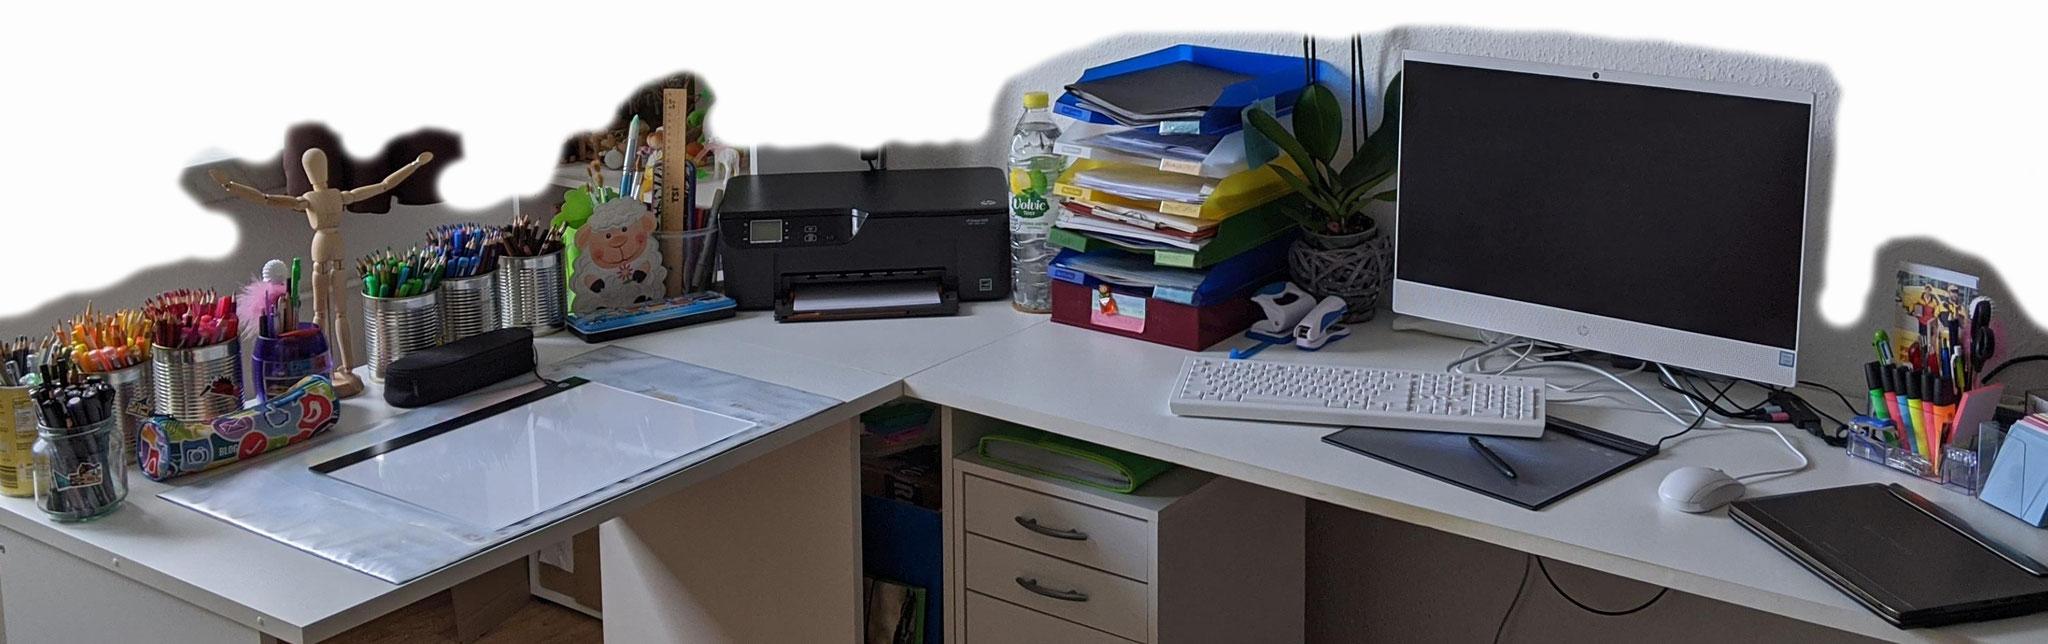 Arbeitsbereich 2.0